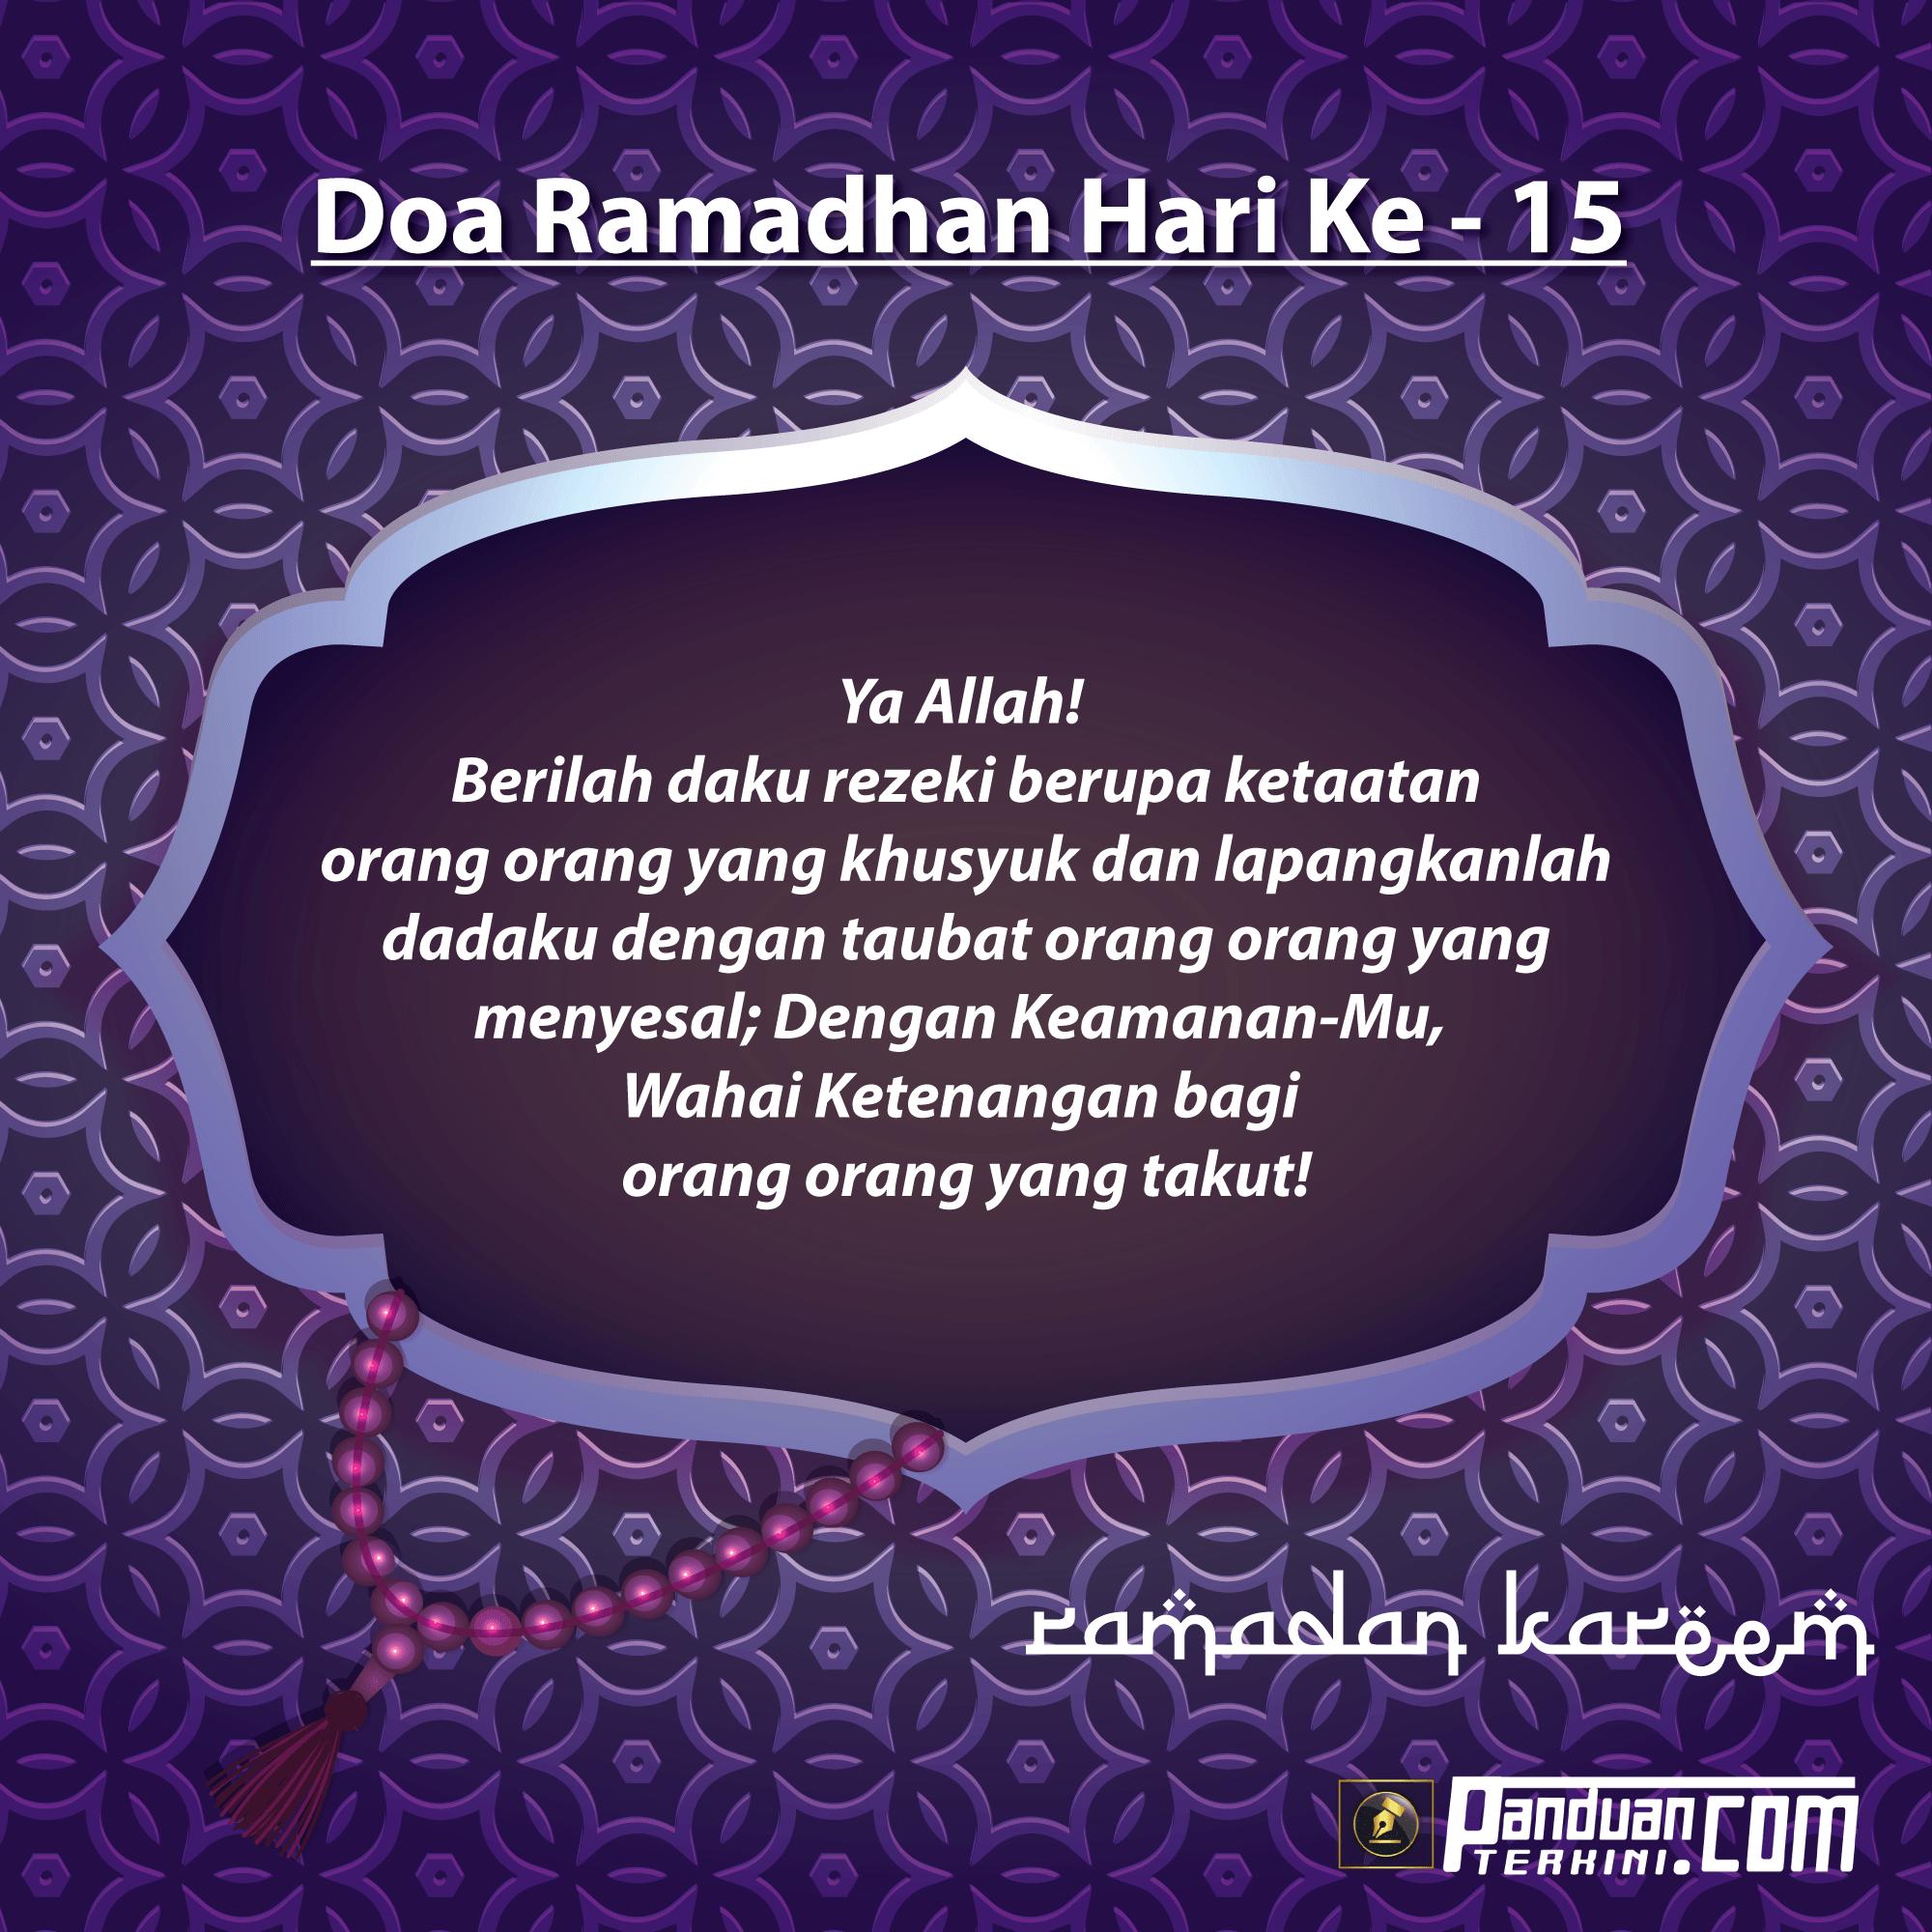 Doa Ramadhan Hari Ke-15